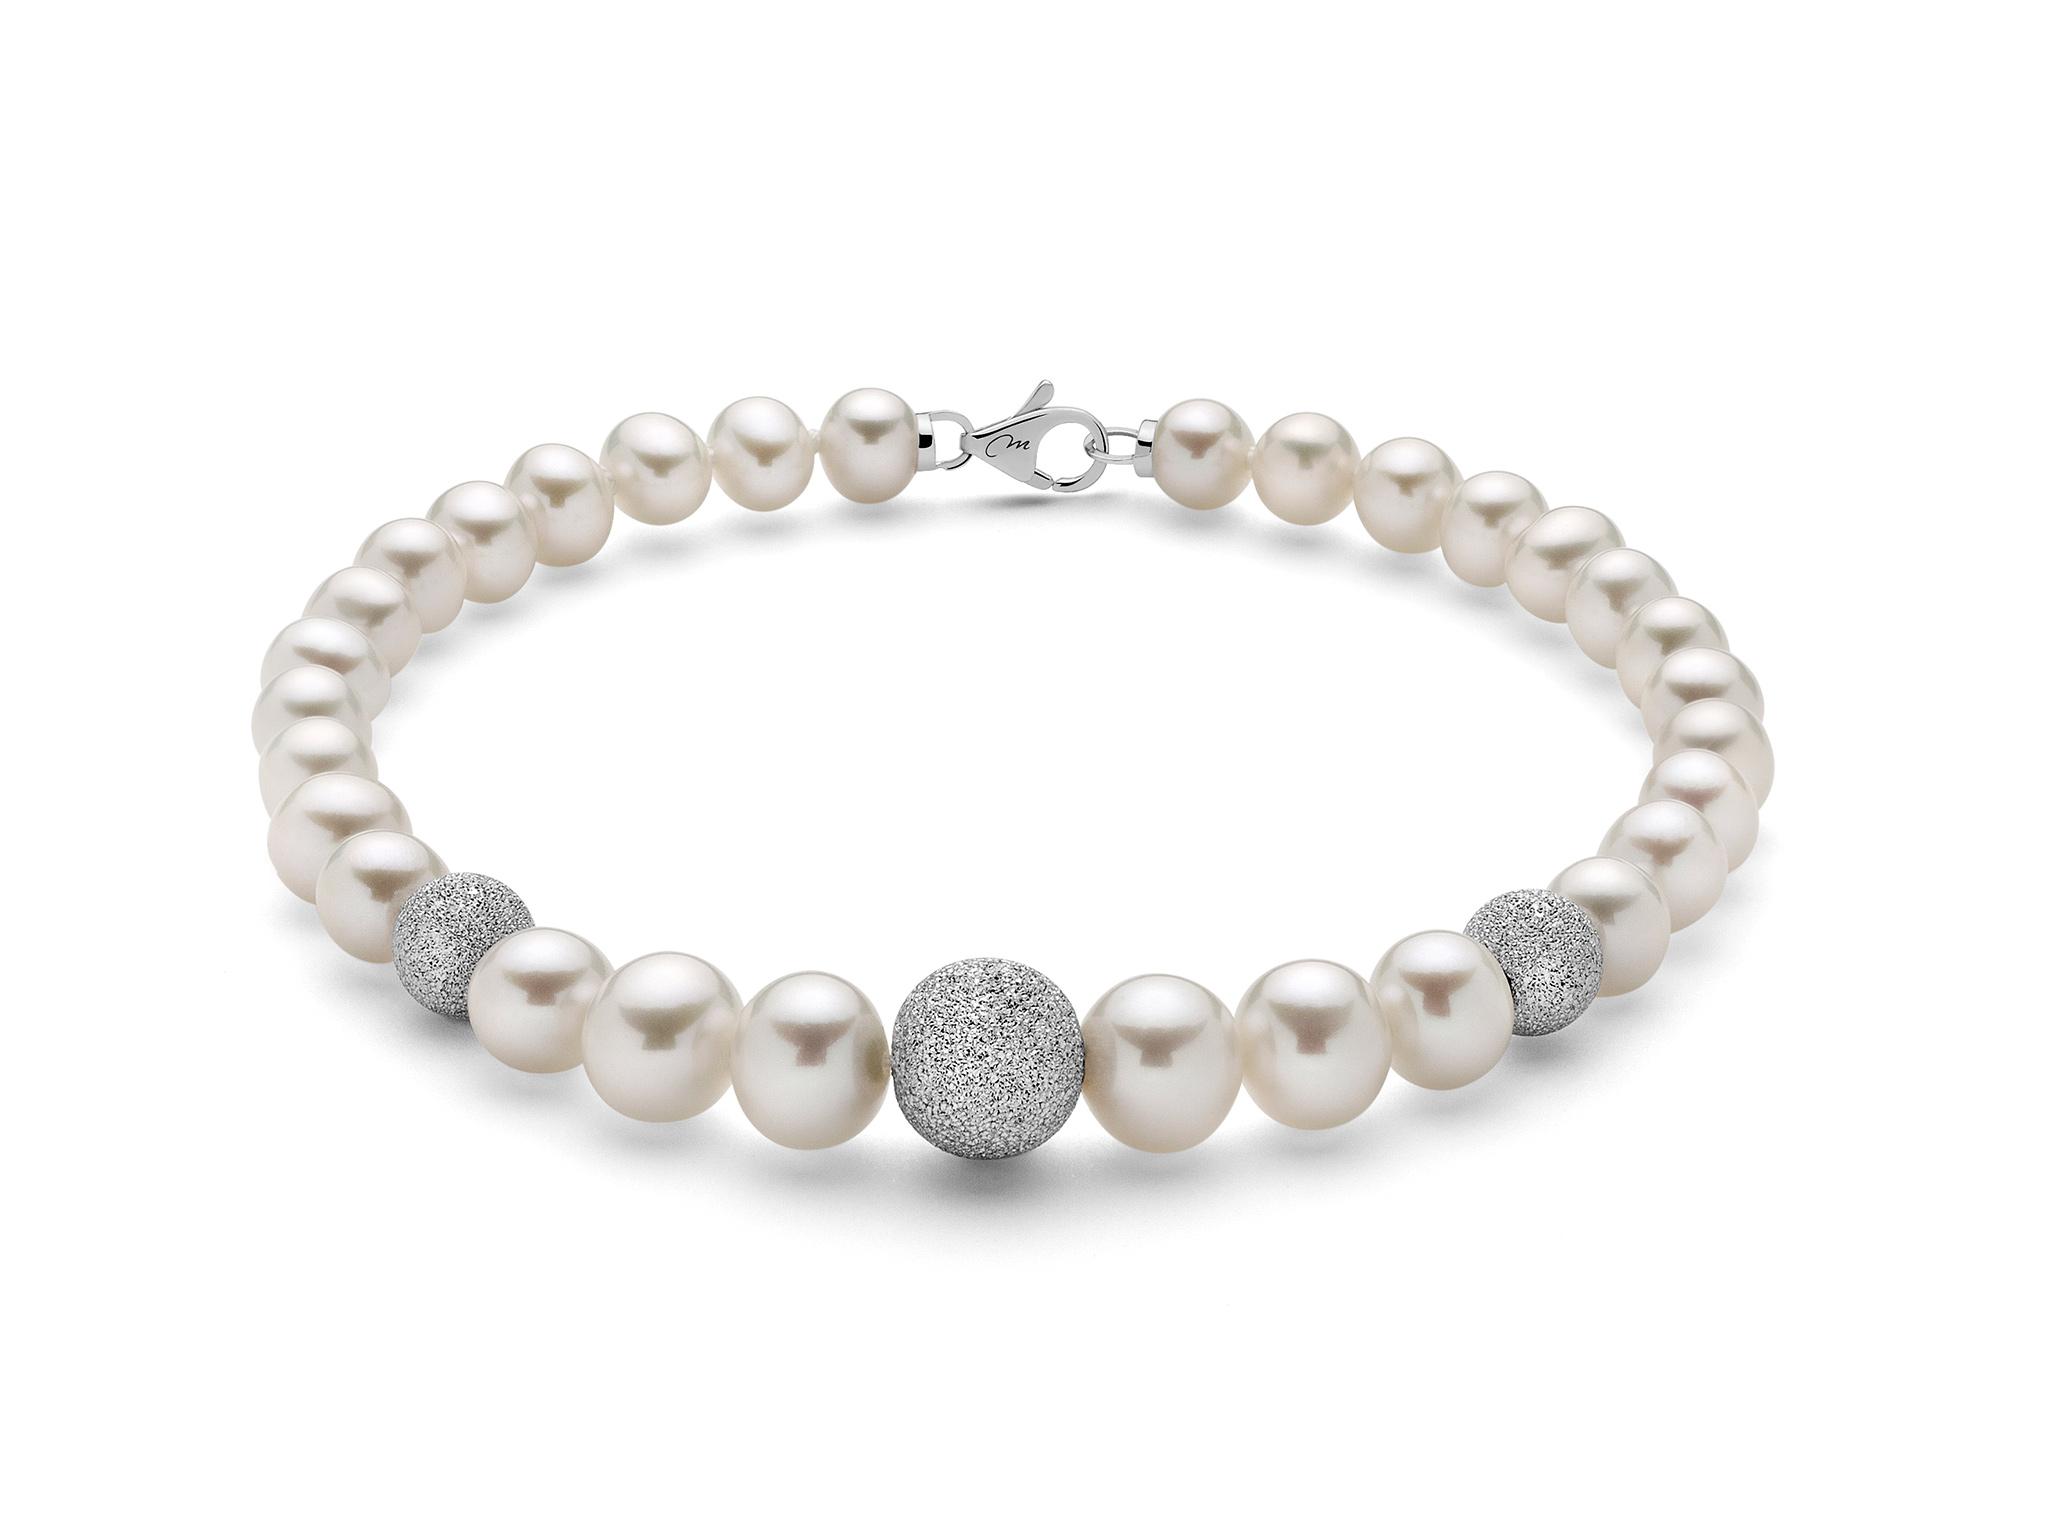 Bracciale di perle con tre boule diamantate - PBR999V